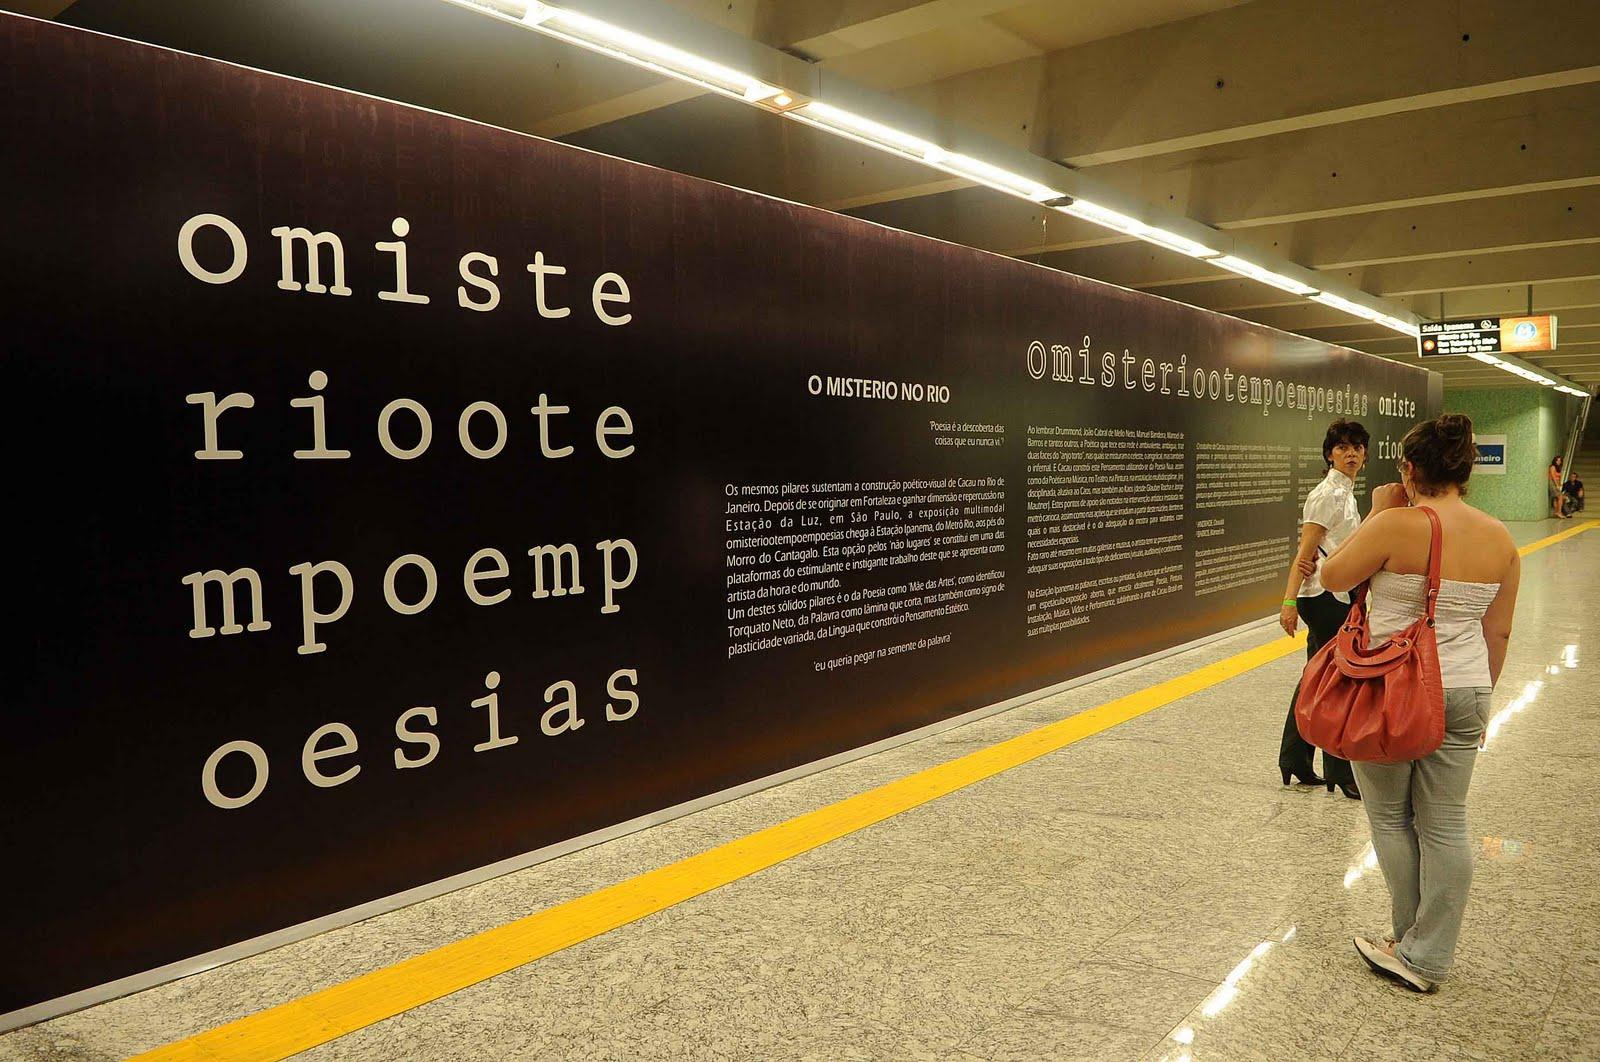 Pessoas caminhando. Vários textos escritos na parede